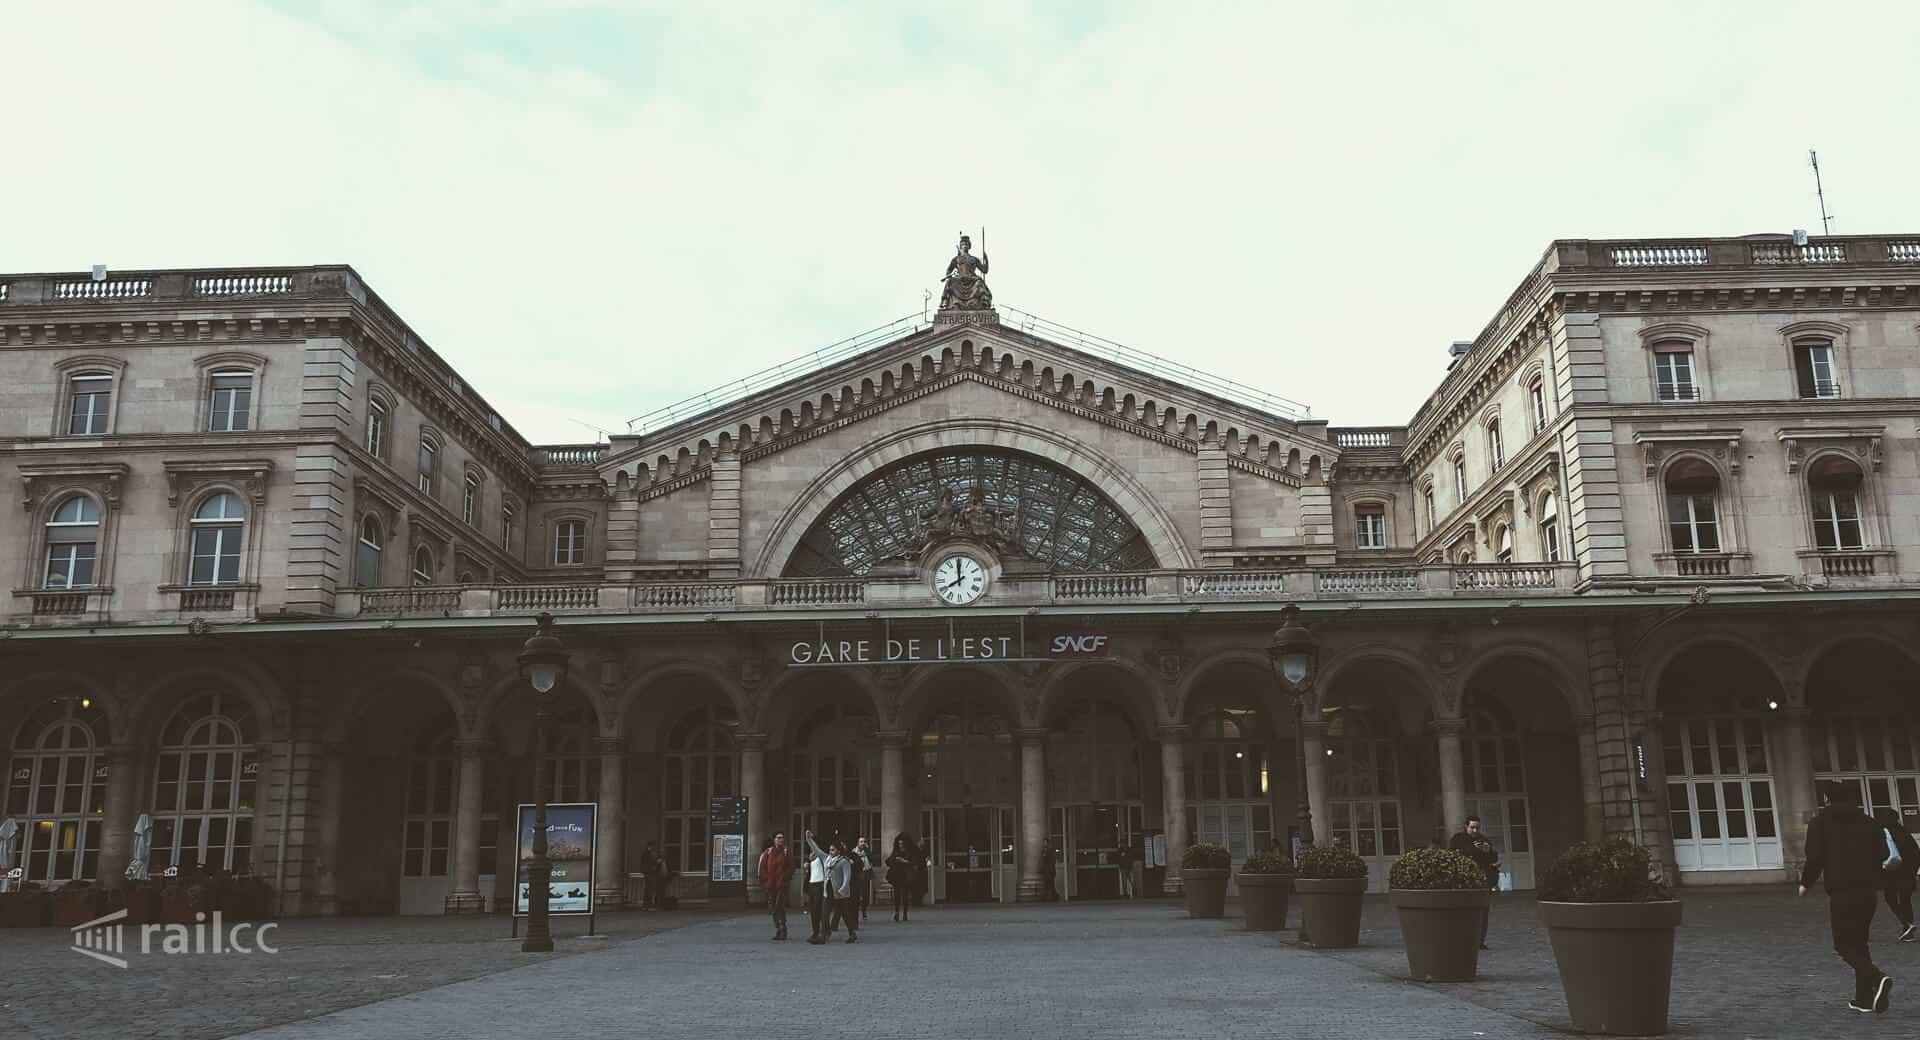 Der Ostbahnhof in Paris: Gare de l'Est.